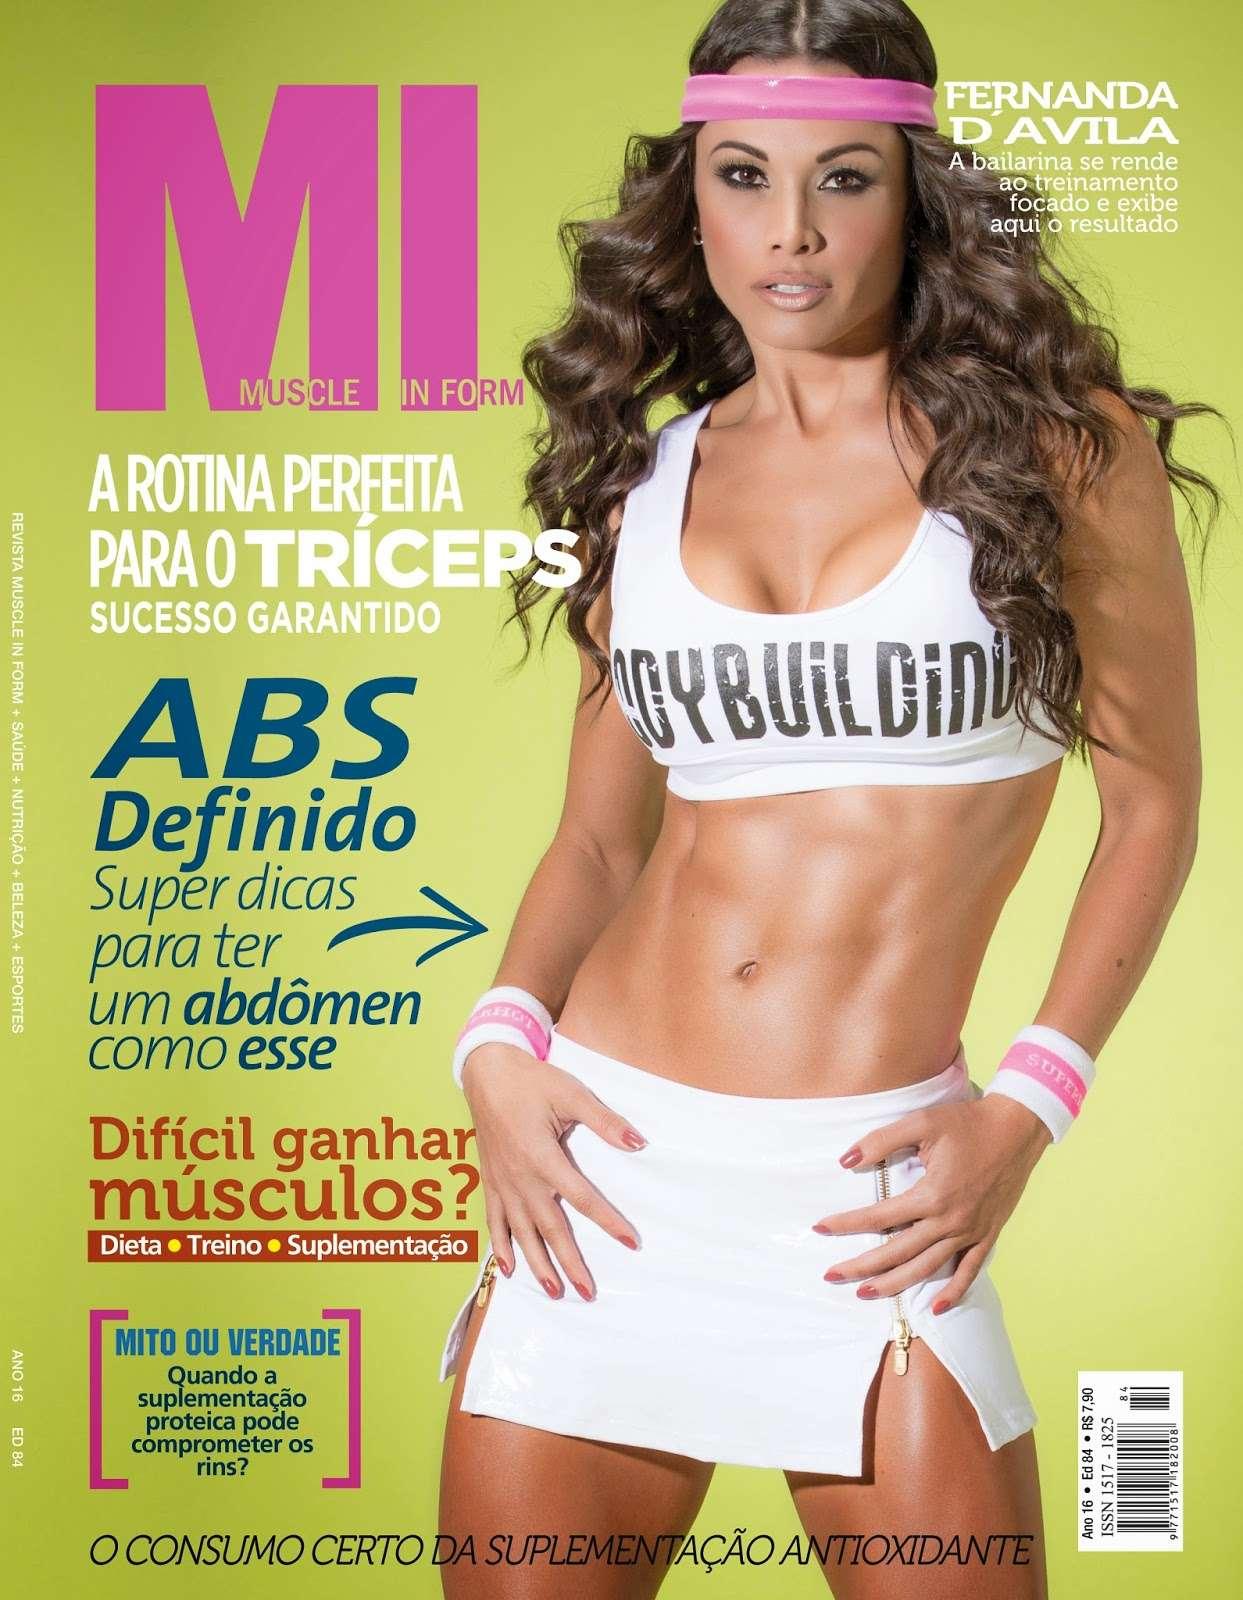 Foto: Samuel Melim / MF Models Assessoria/Divulgação